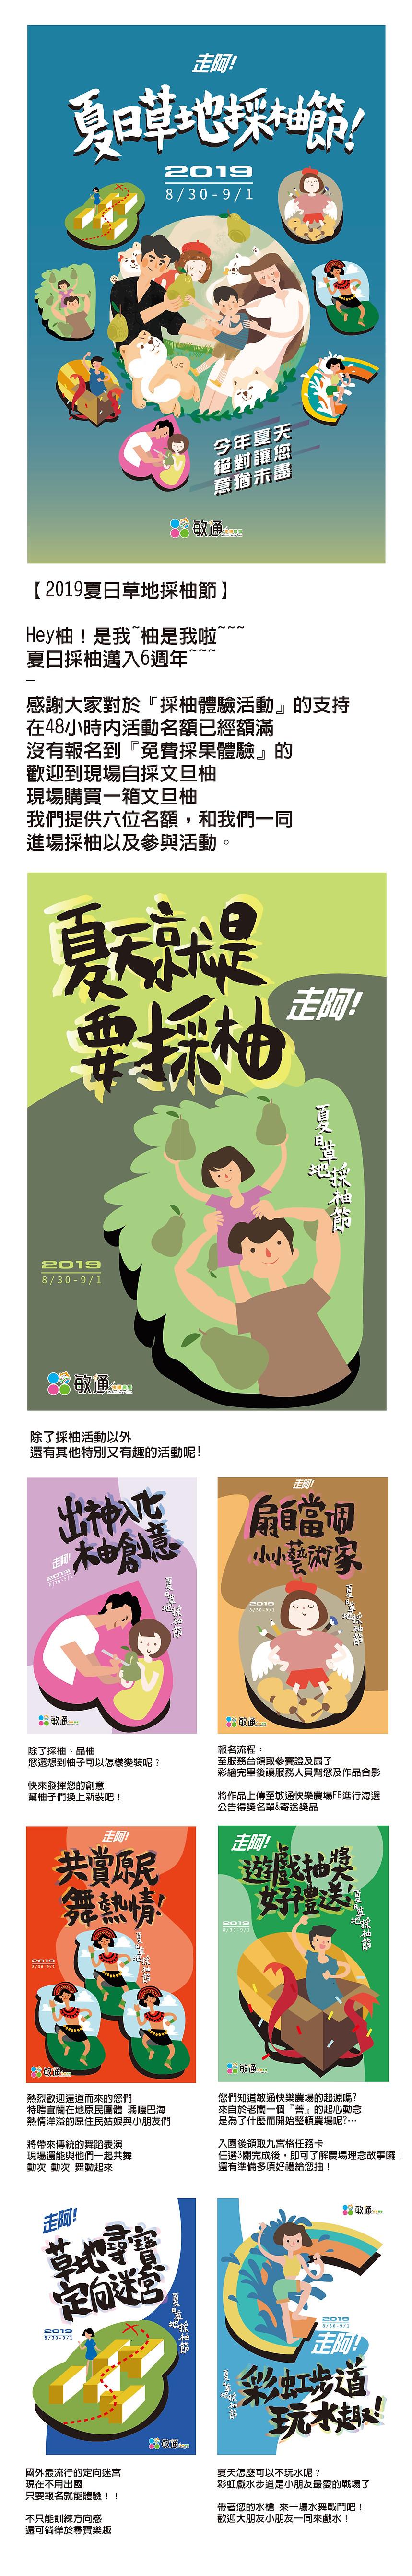 敏通快樂農場網站更新-採柚-10.jpg